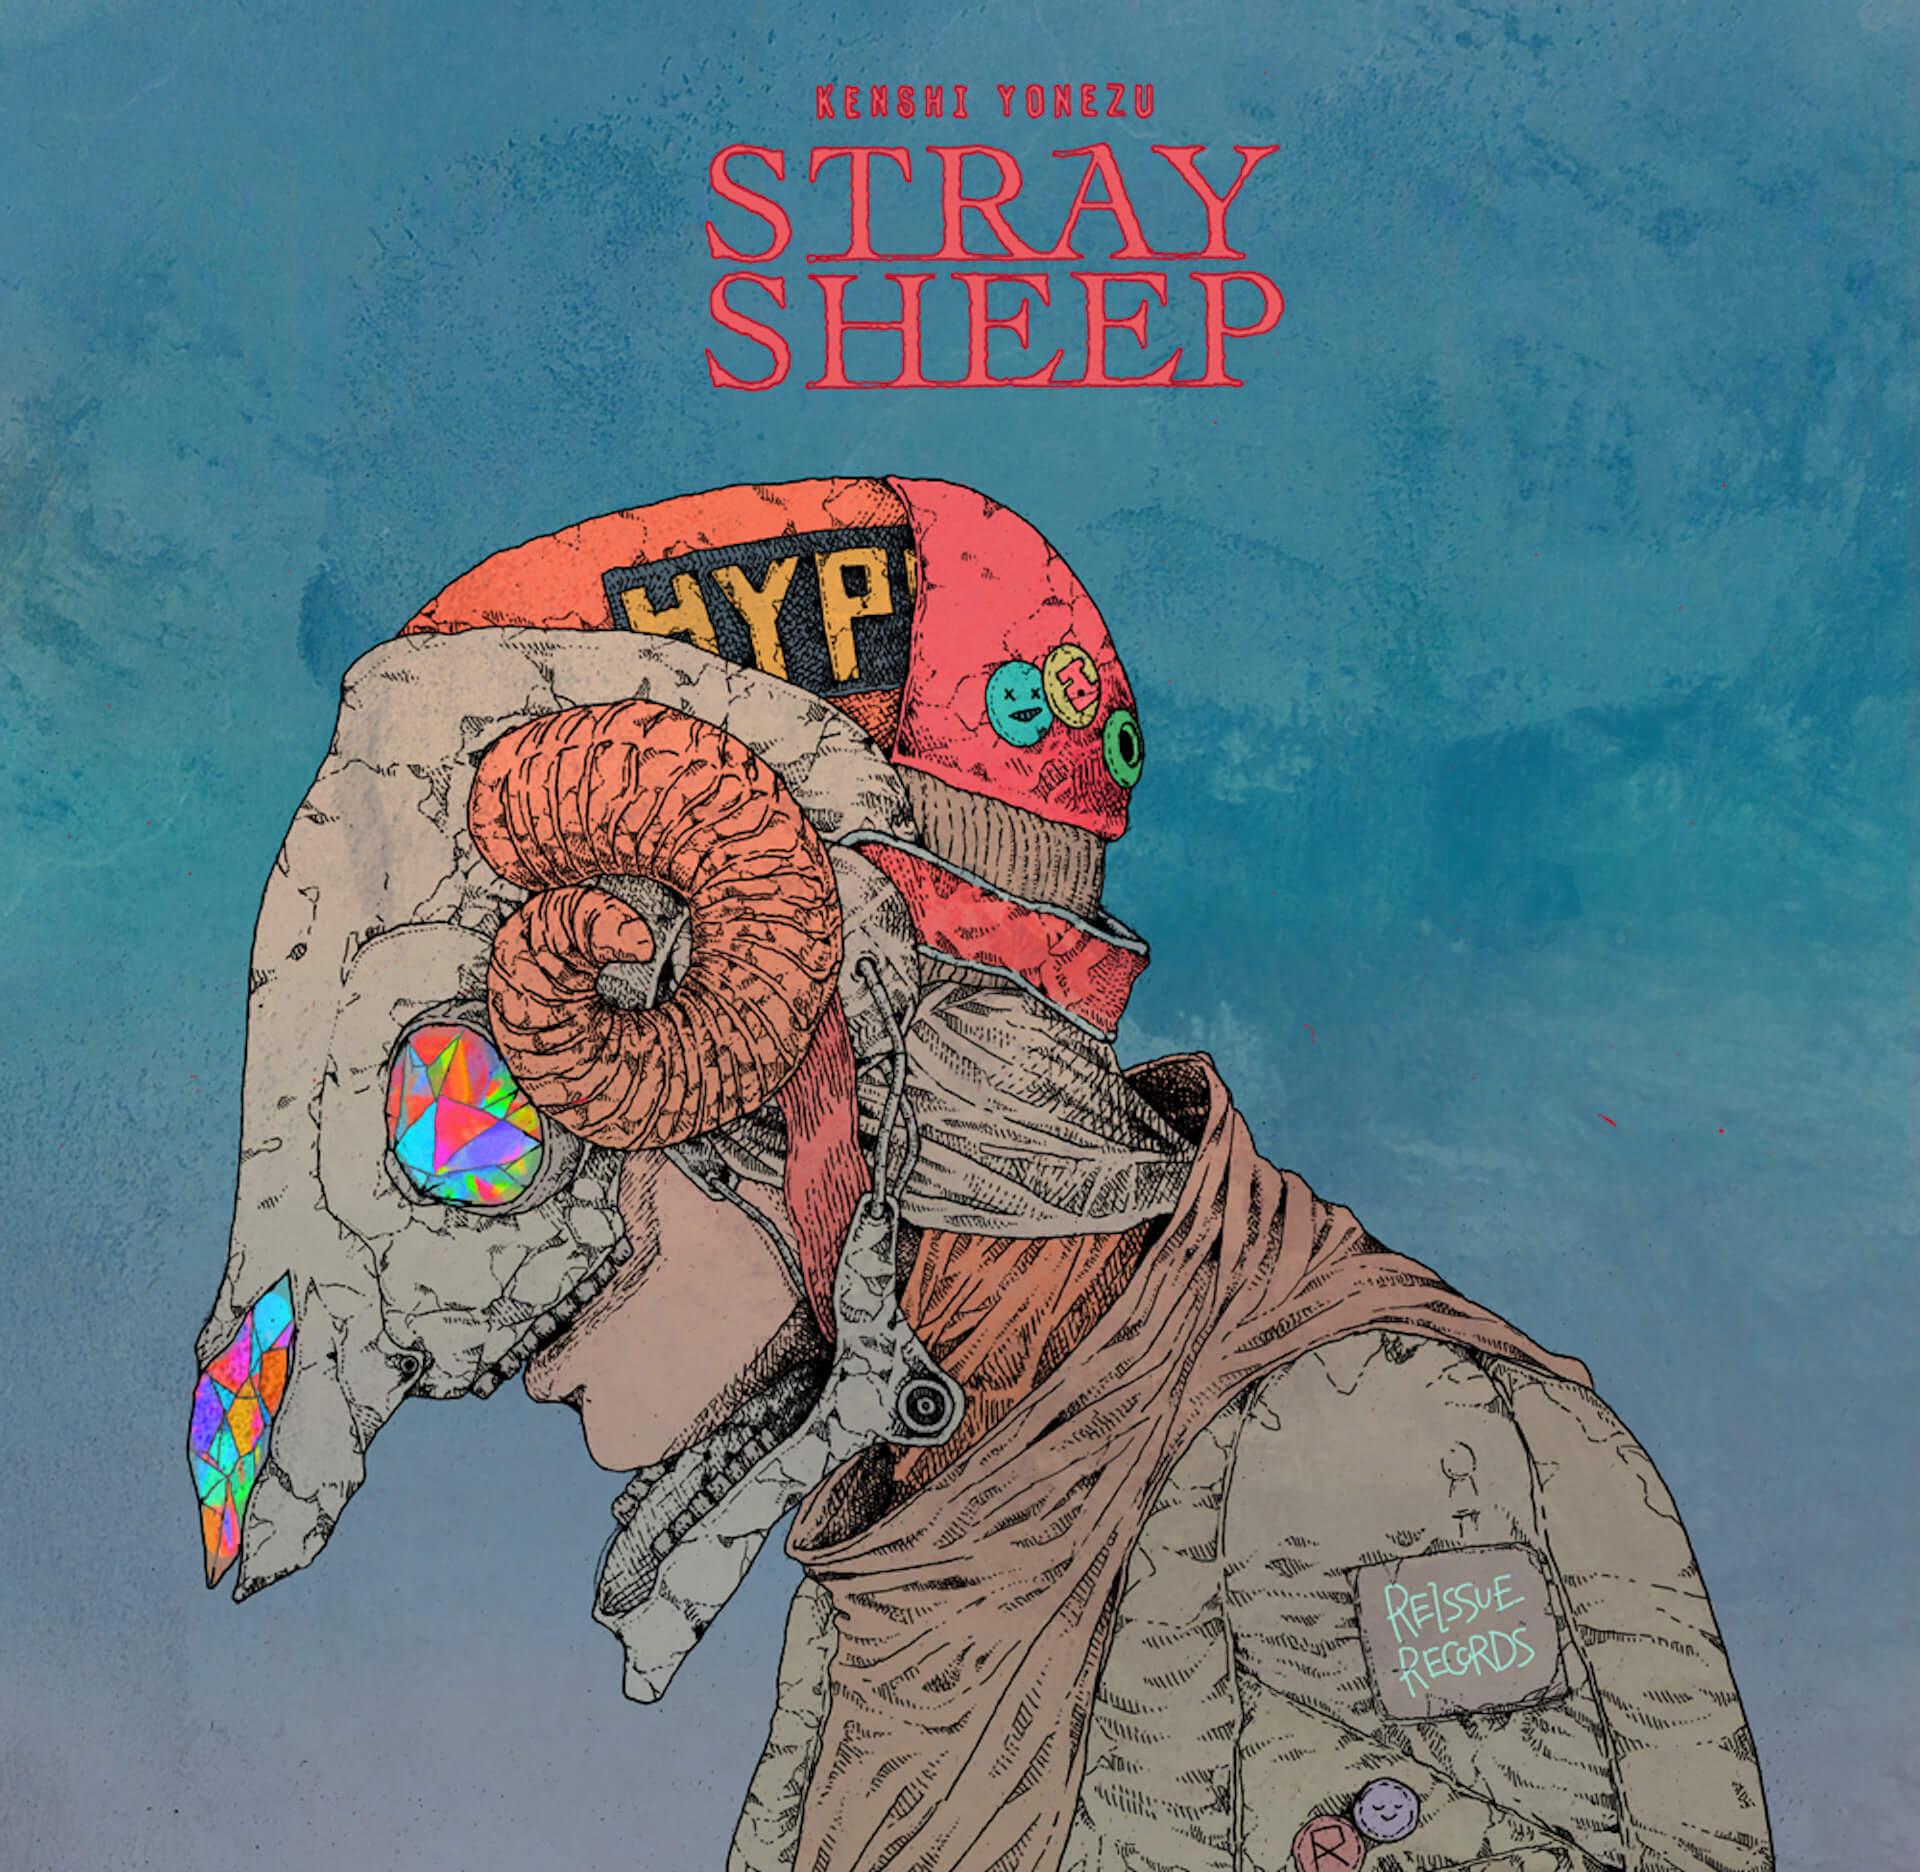 米津玄師『STRAY SHEEP』のトラックリストが公開!アートブック盤には<脊椎がオパールになる頃>ライブ映像完全フル尺収録 music200619_yonezukenshi_2